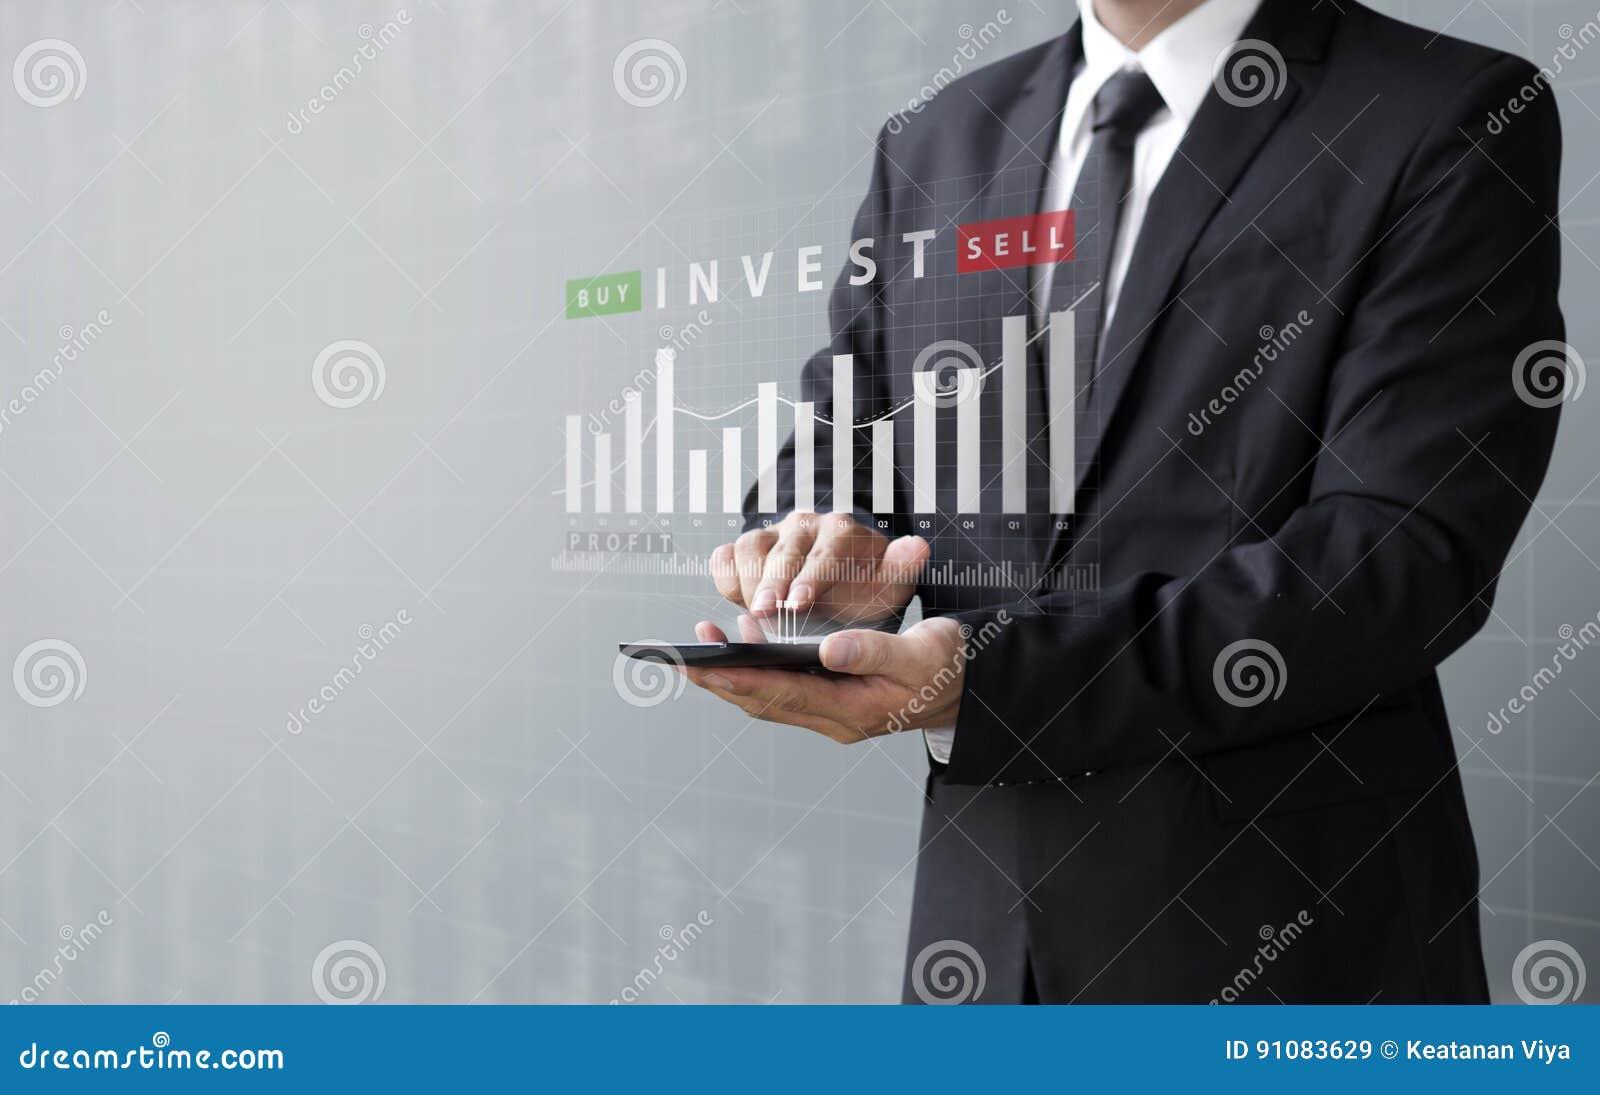 Het bedrijfsconcept, investeert online koopt of verkoopt activa